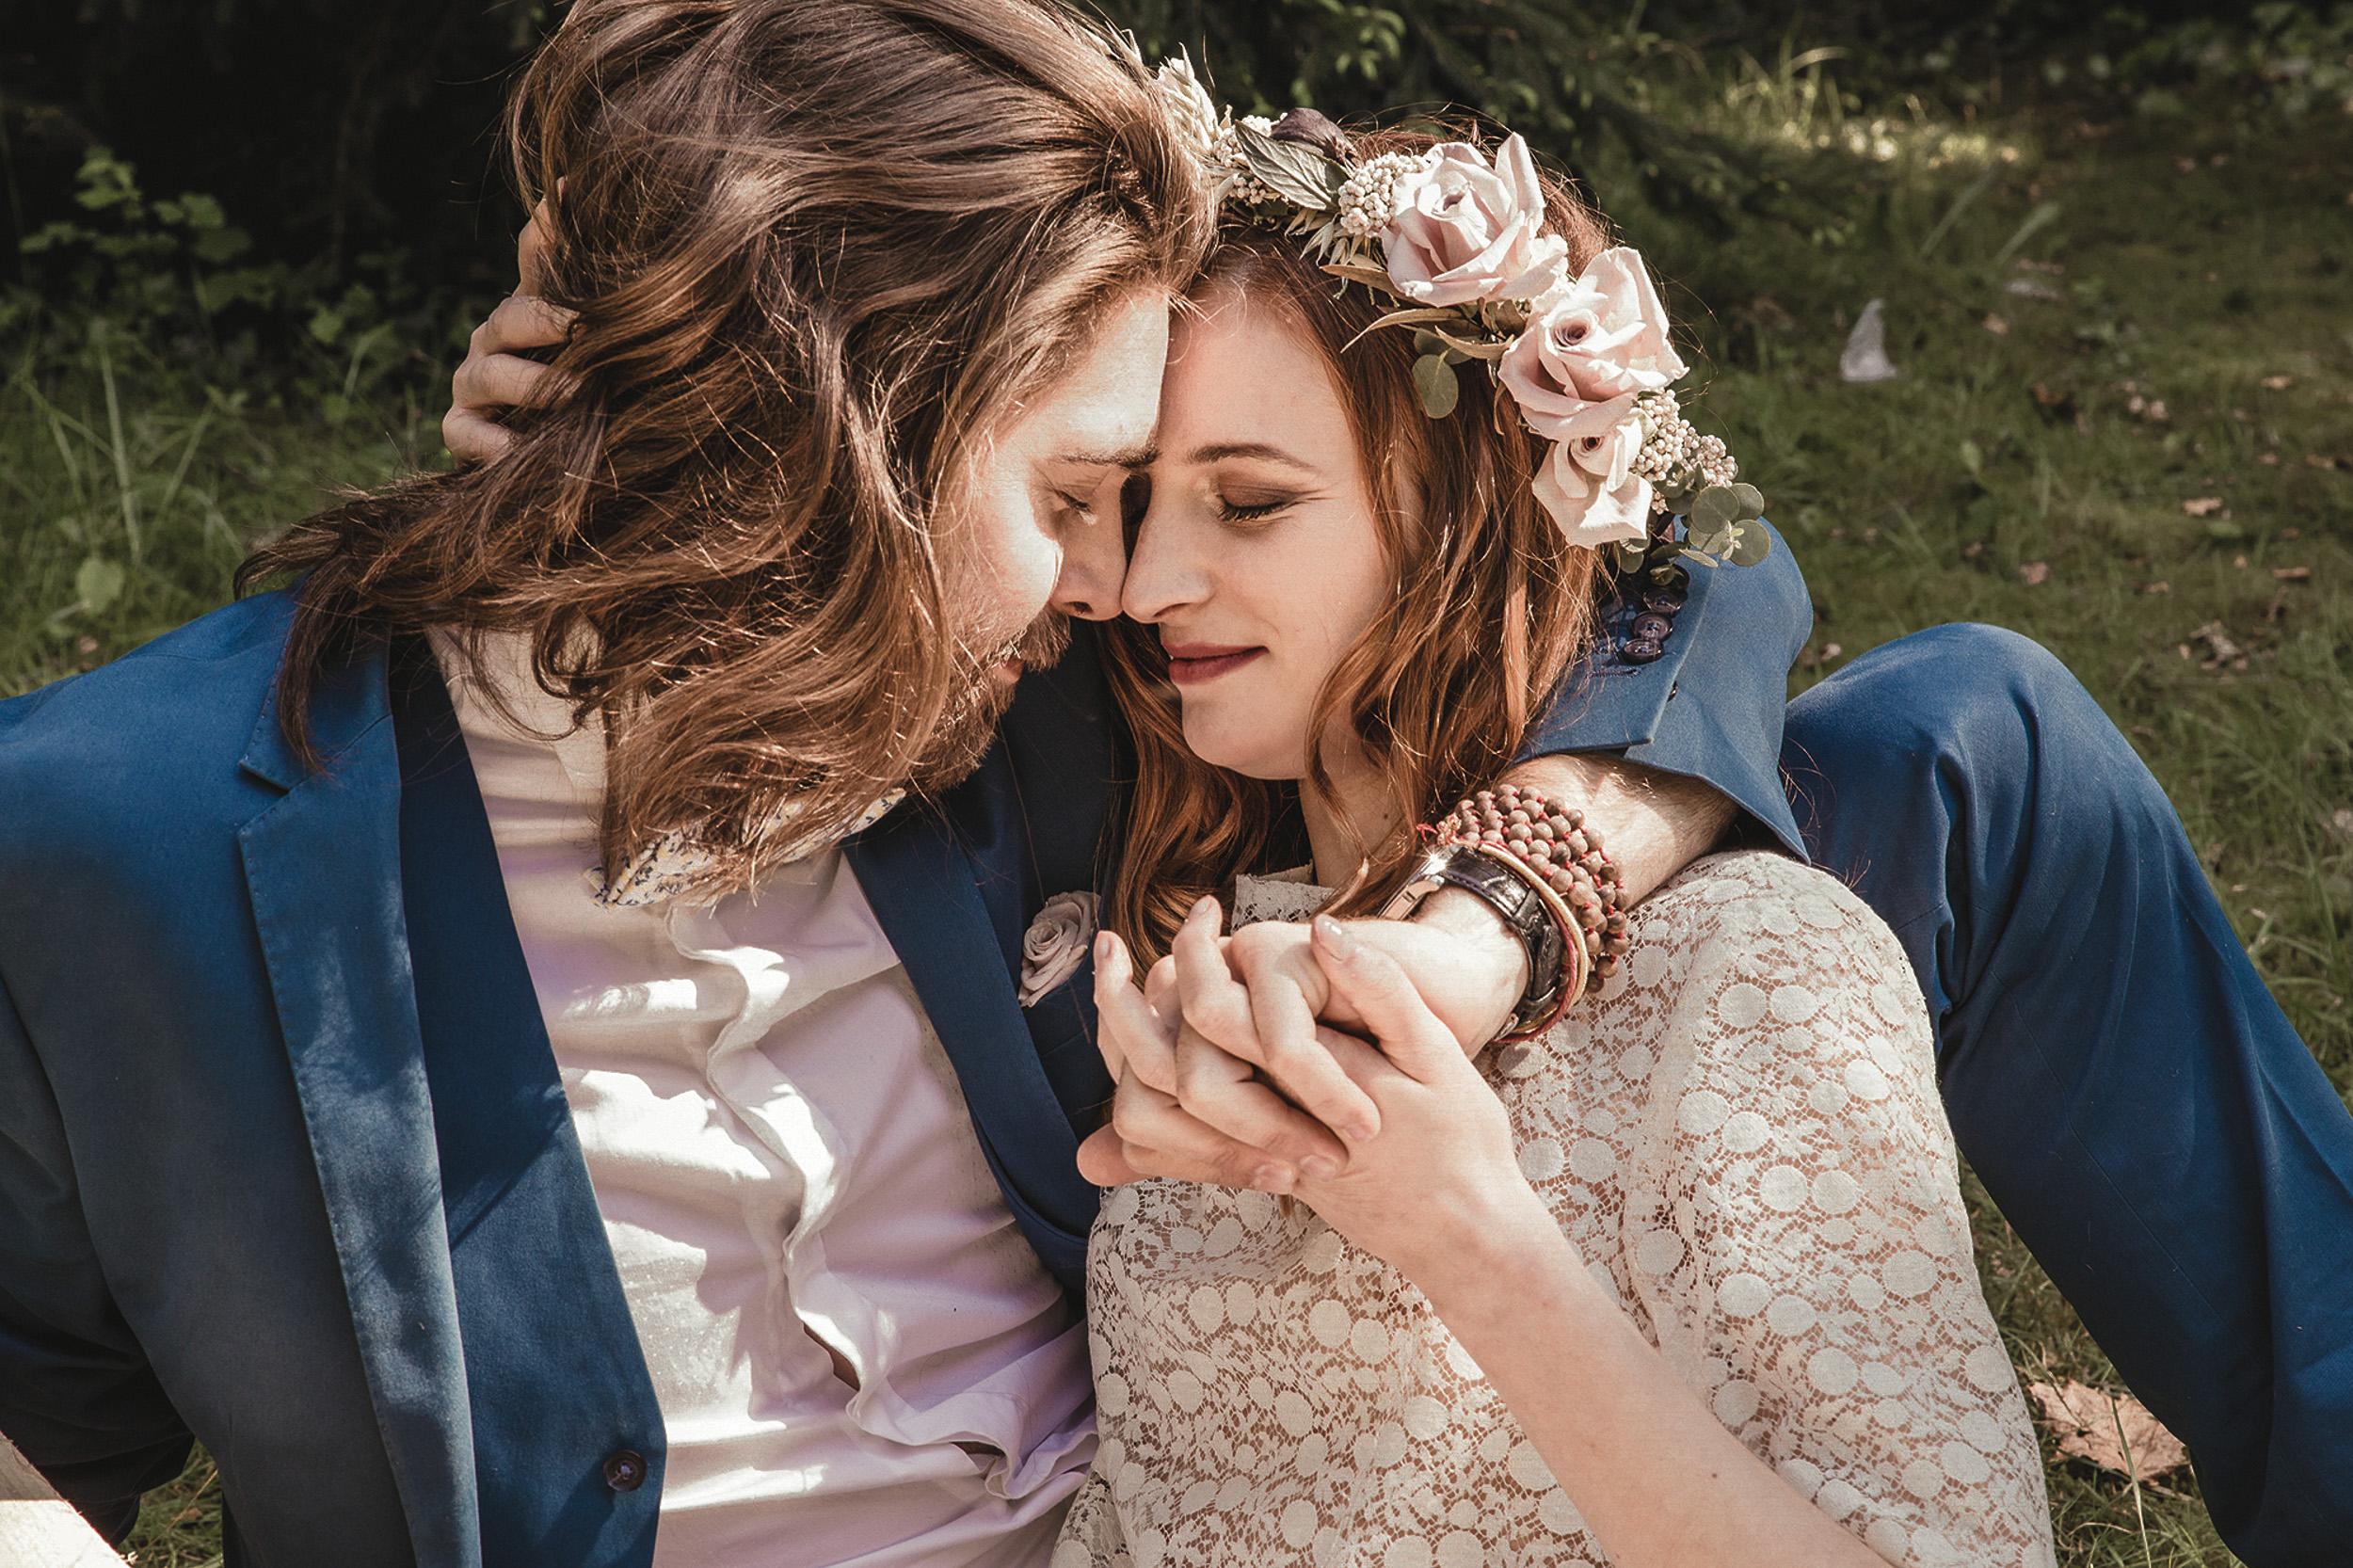 mariage boheme inspiration photographe-8